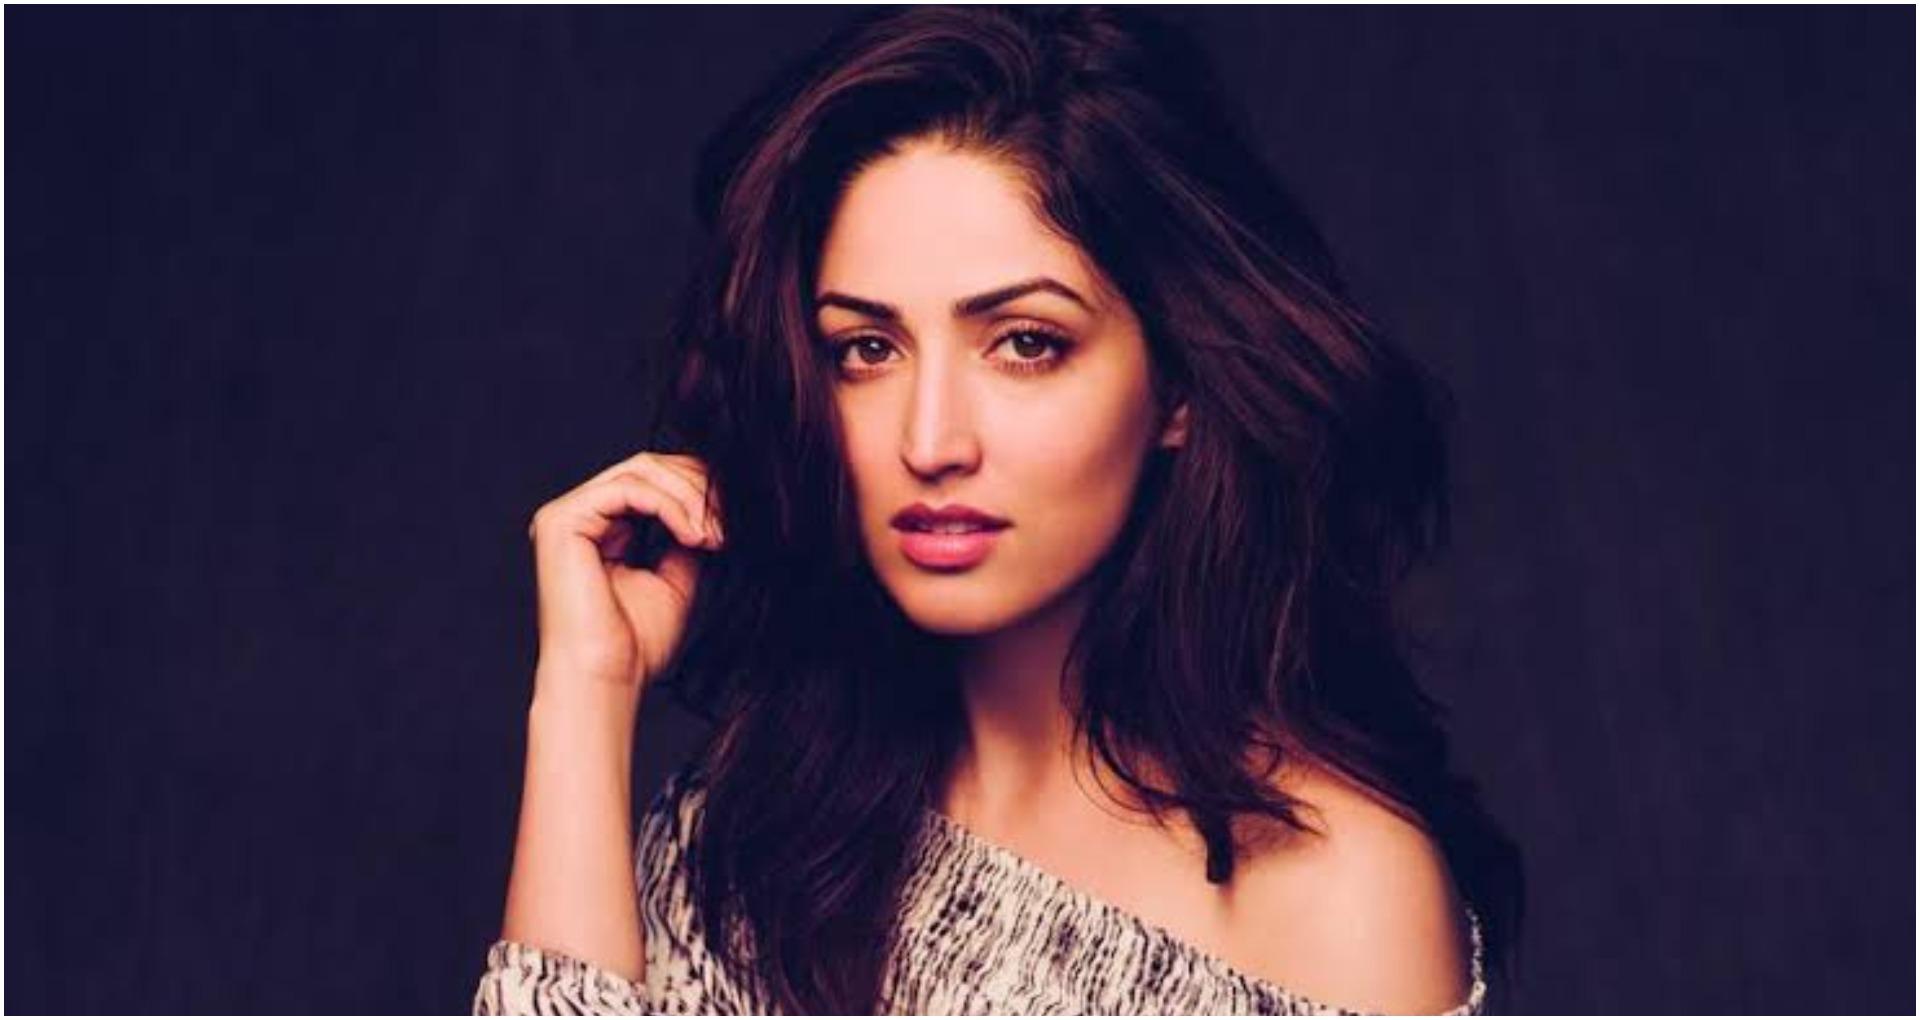 EXCLUSIVE : यामी गौतम ने मनाया फिल्म 'बाला' की सफलता का जश्न, करना चाहती है इस अभिनेत्री की बायोपिक